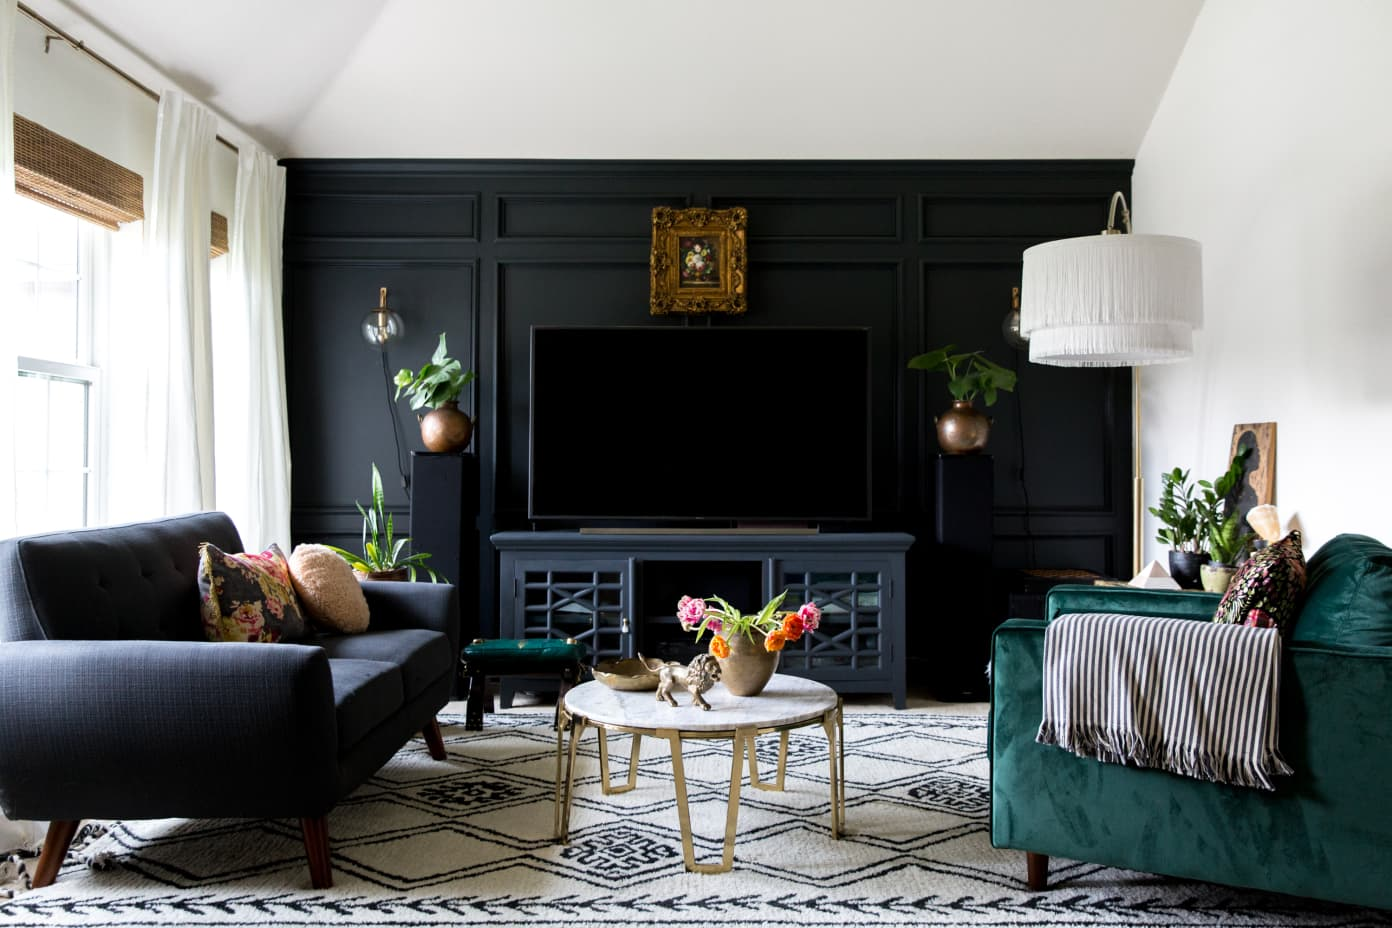 Desain ruang TV minimalis Biru_4